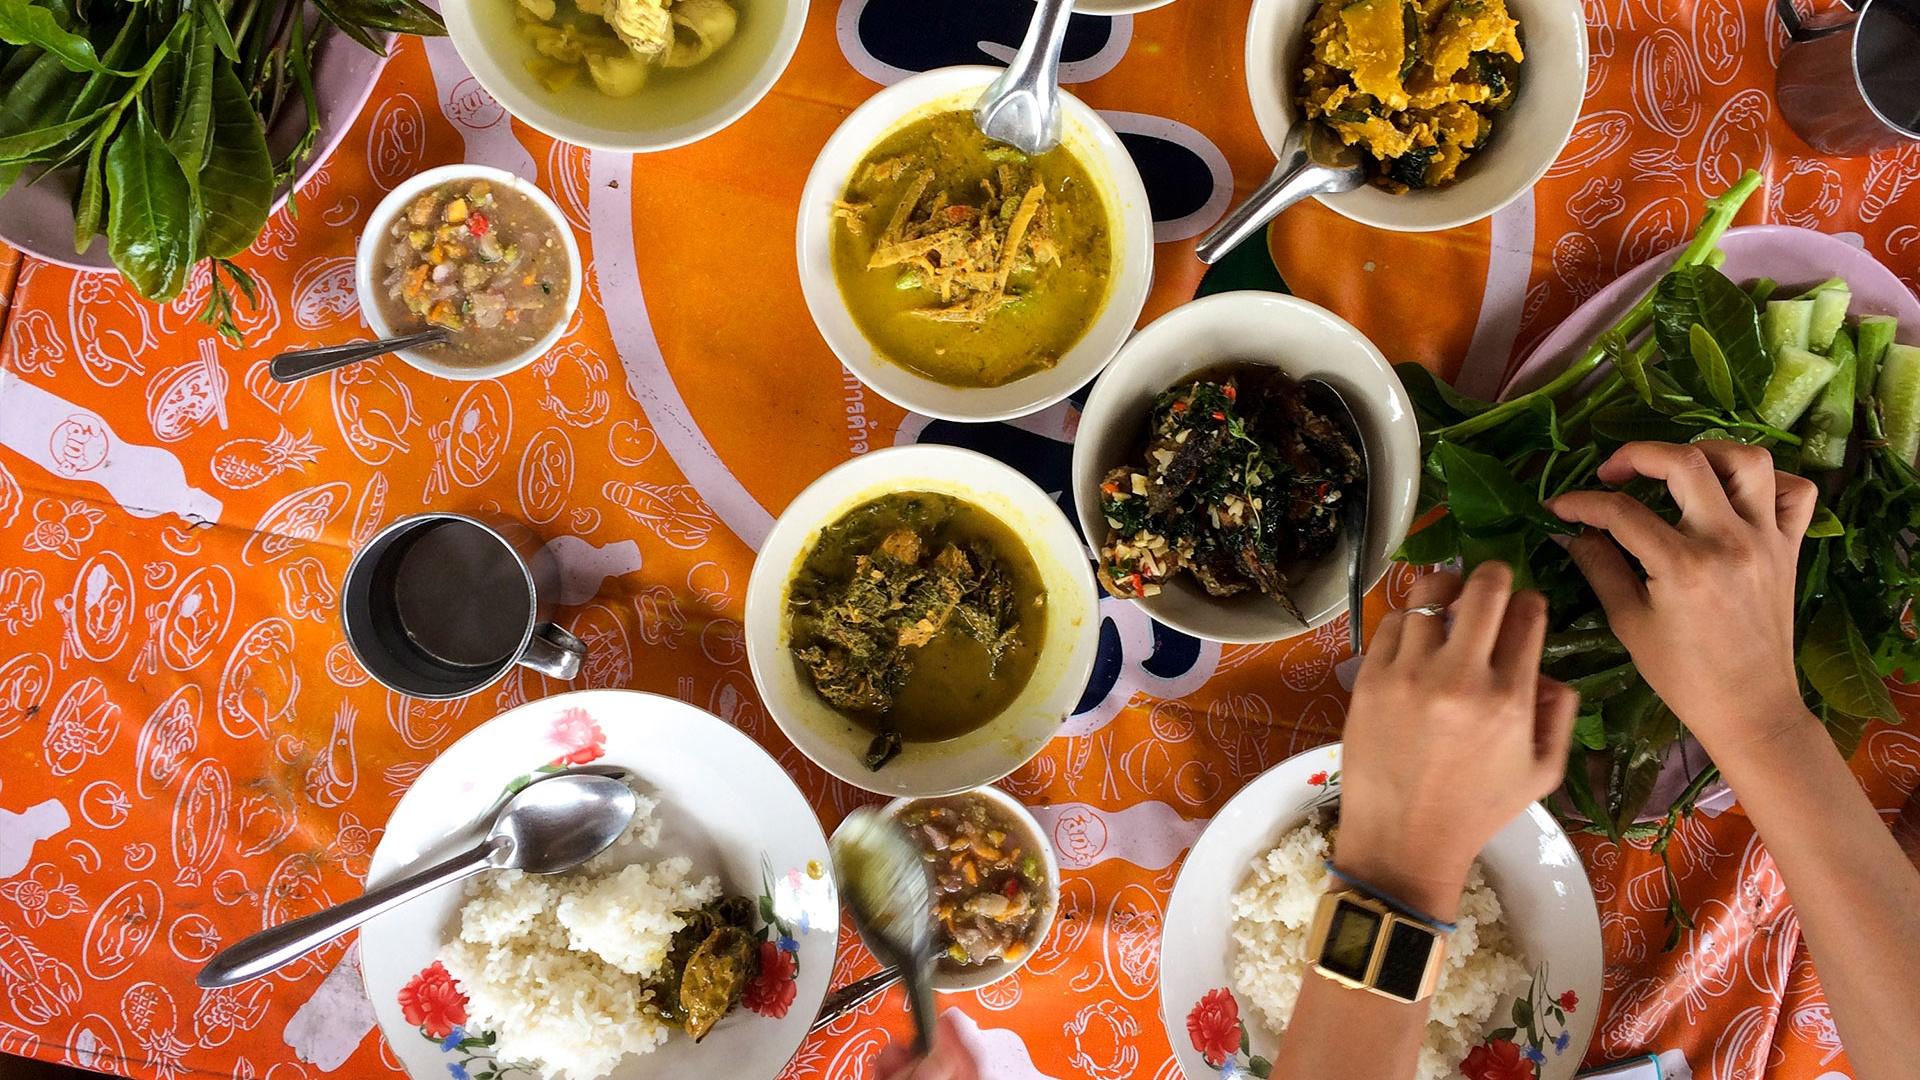 Wisata Kuliner di Kota Malang